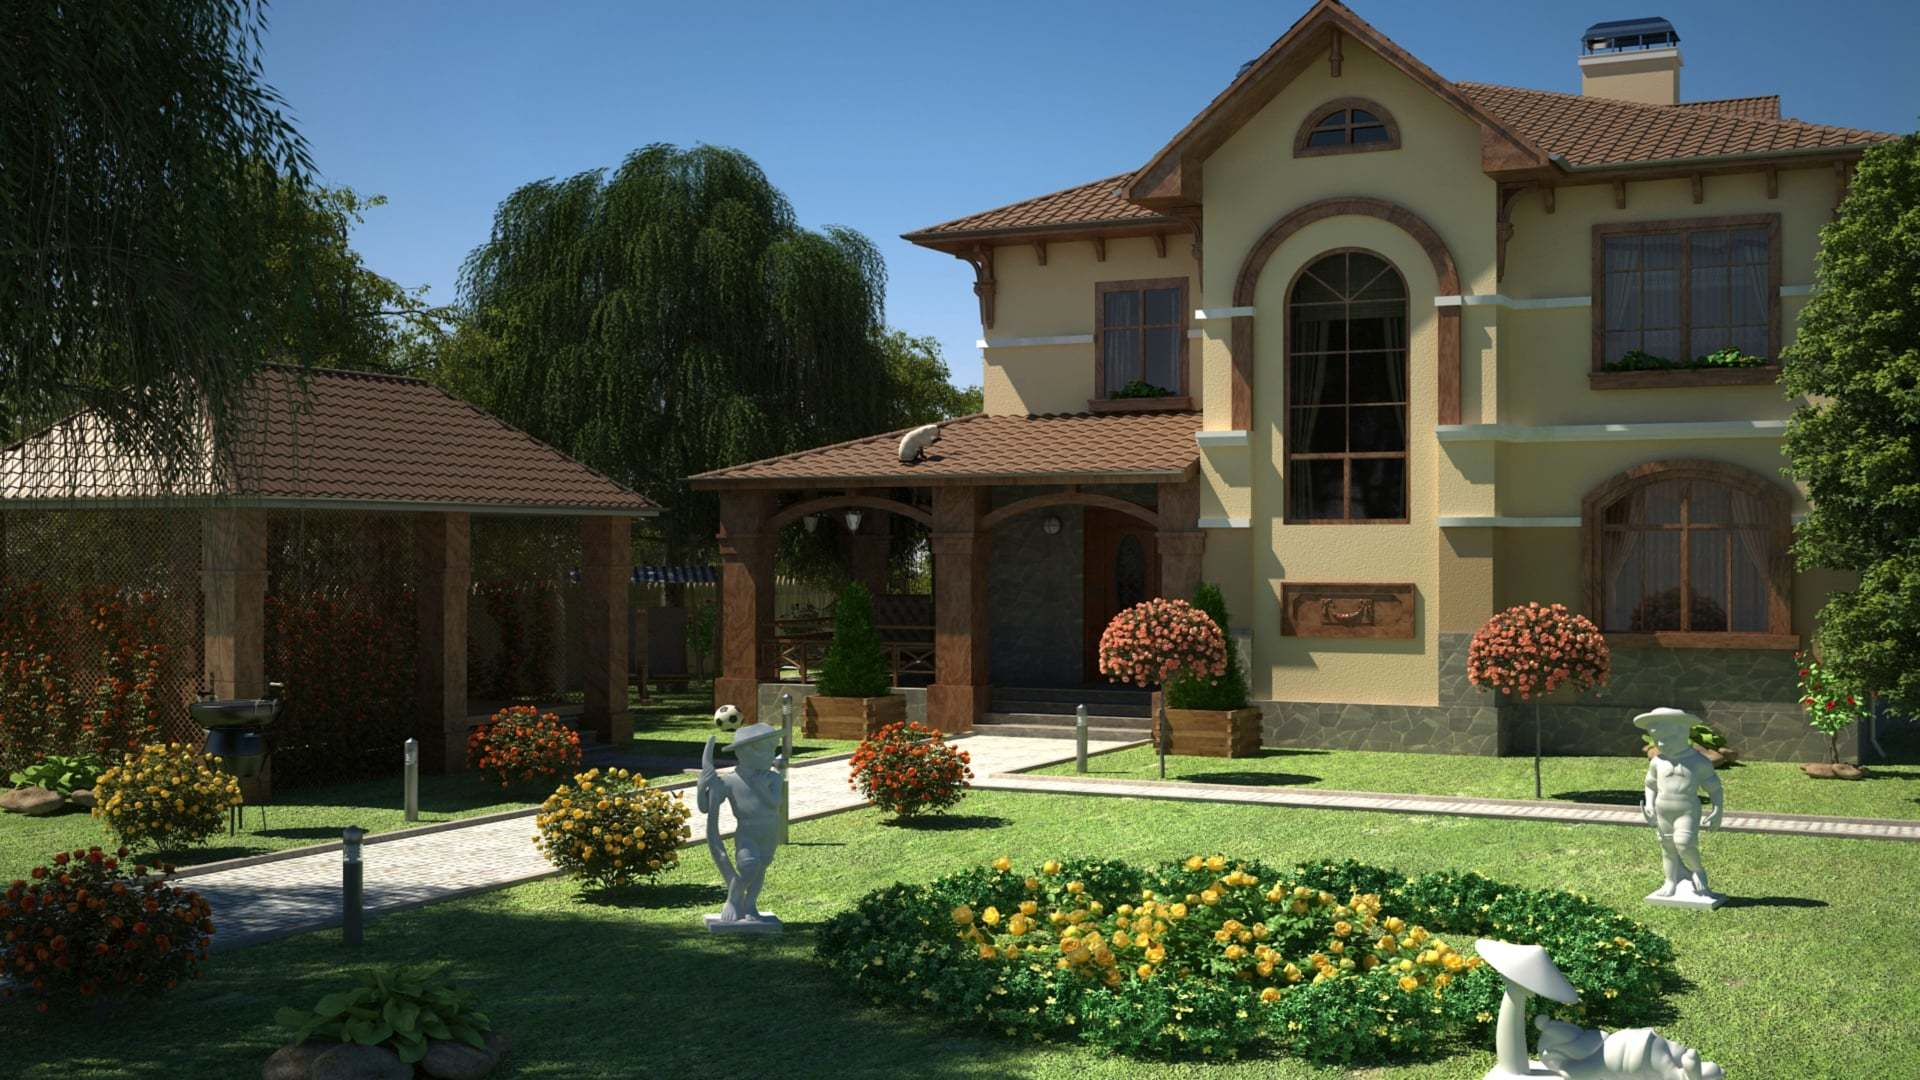 Kamelya'lı Villa